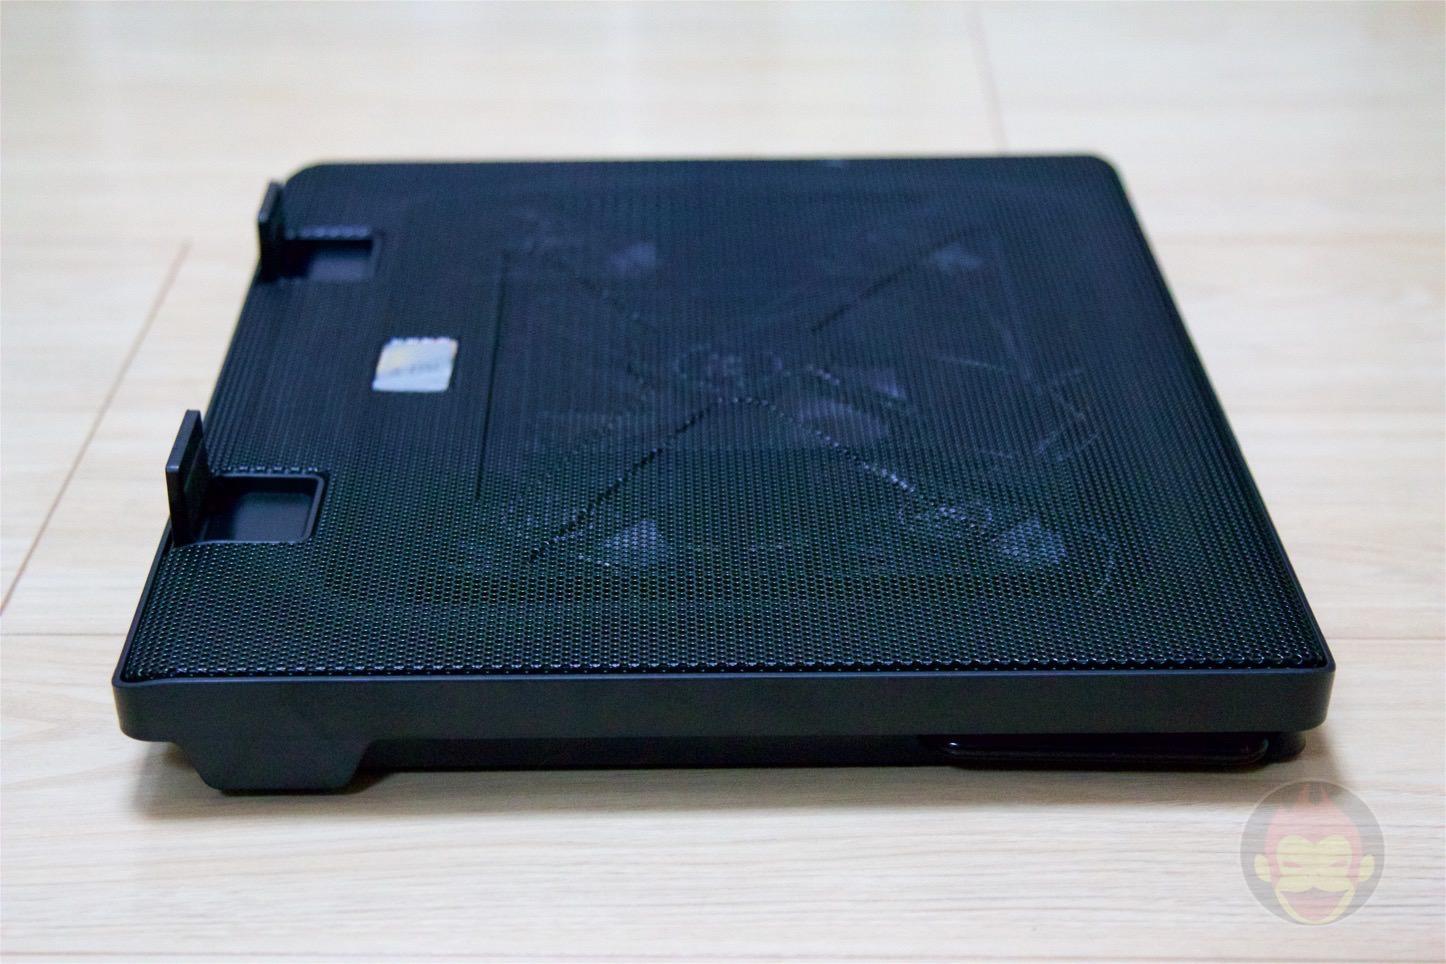 FONESO-fan-Stand-for-Mac-PC-05.jpg